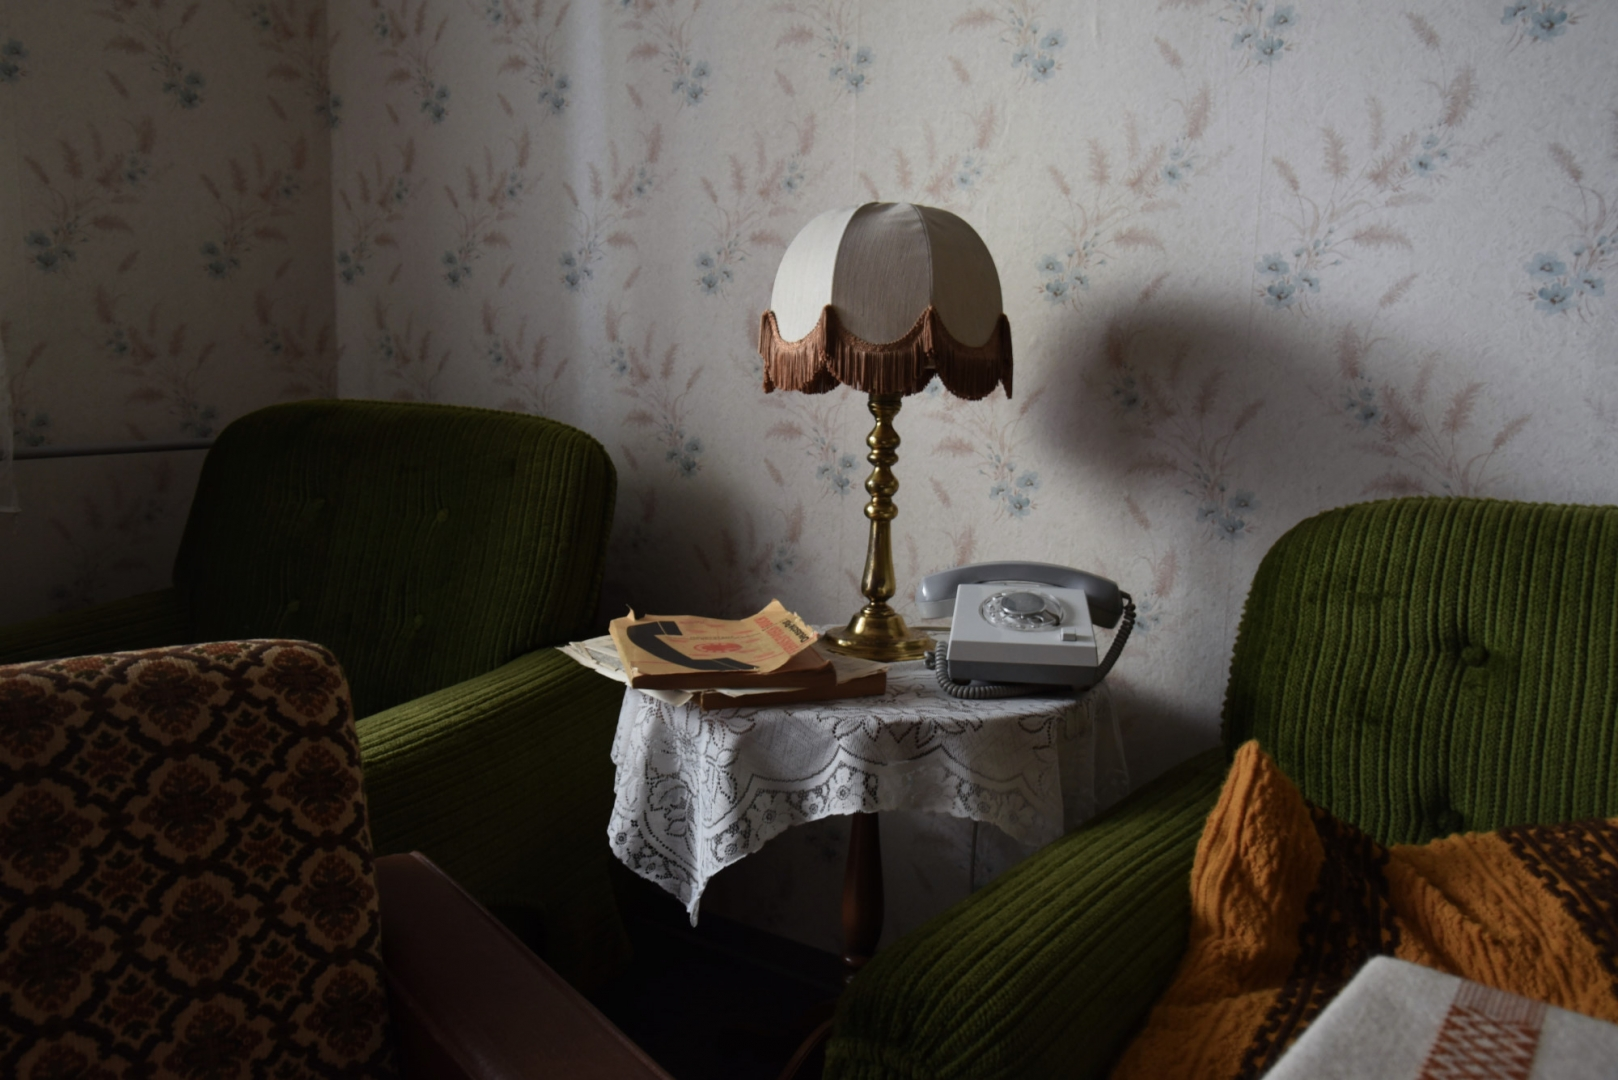 С 1987 года в интерьере трехкомнатной квартиры ничего не изменилось. Несмотря на то, что в 2004 году дом был полностью реконструирован, городской муниципалитет решает сохранить квартиру в прежнем виде. Каждое воскресенье управляющий домом открывает квартиру эпохи ГДР для посетителей